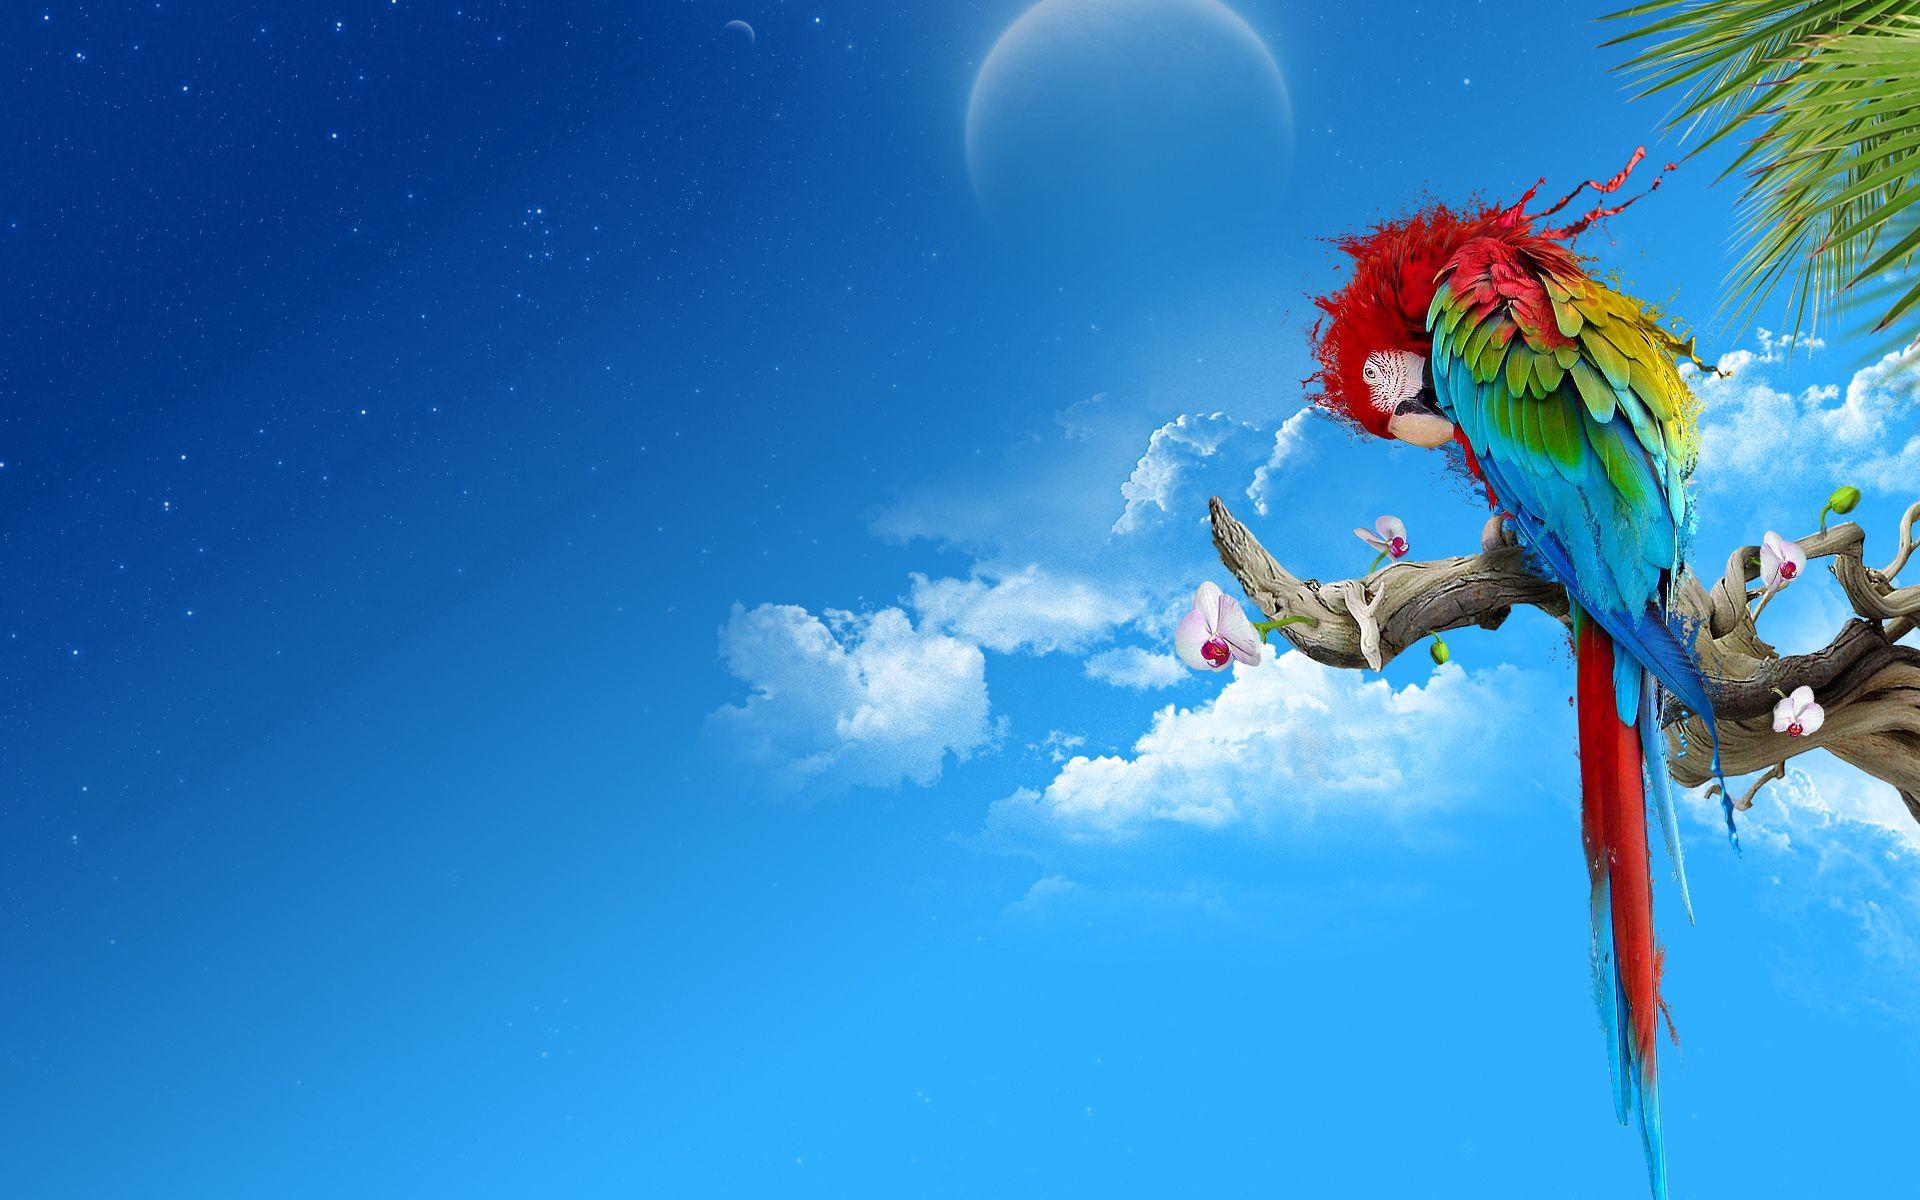 67174 économiseurs d'écran et fonds d'écran Perroquets sur votre téléphone. Téléchargez Art, Perroquets, Plumes, Asseoir, S'Asseoir, Multicolore, Hétéroclite, Branche images gratuitement